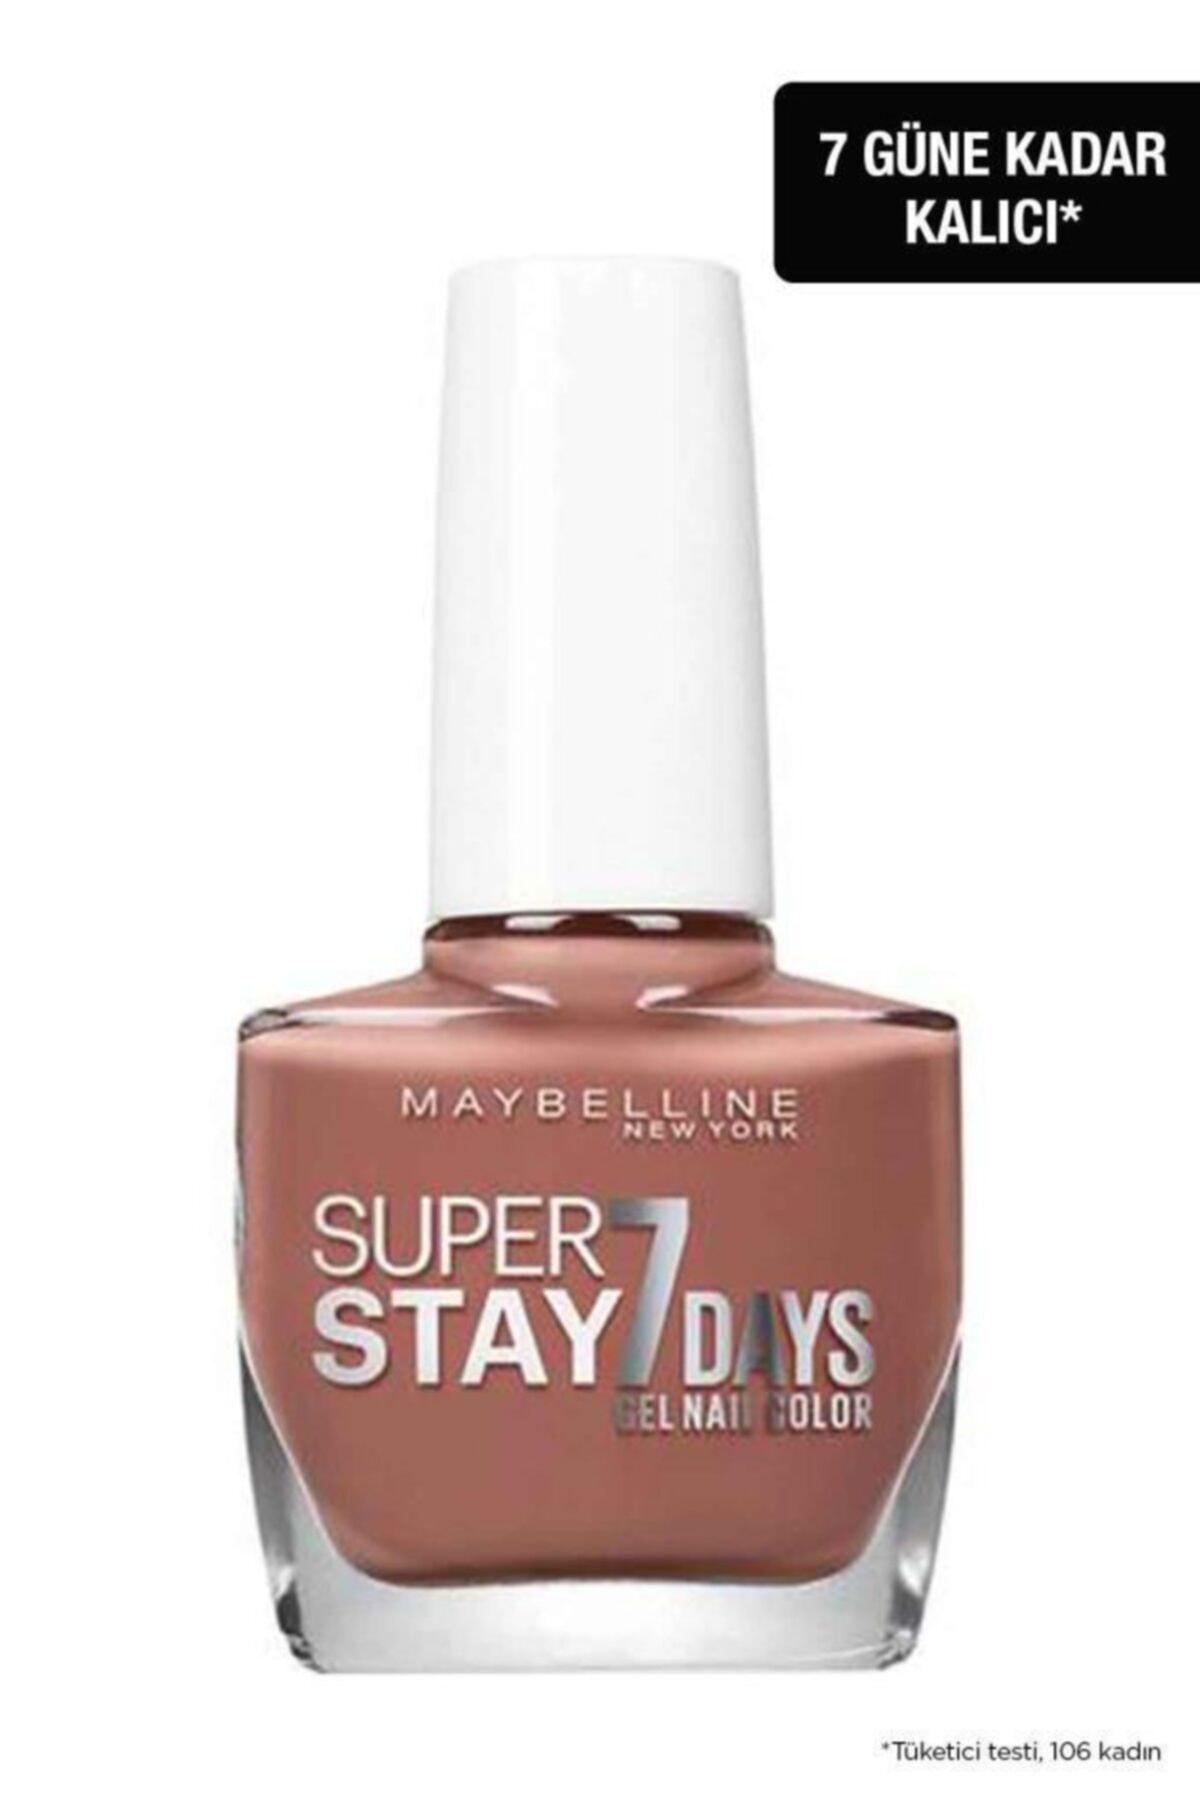 Maybelline New York Sstay 7d Cıty Nudes Nu 888 Brıck Oje 1